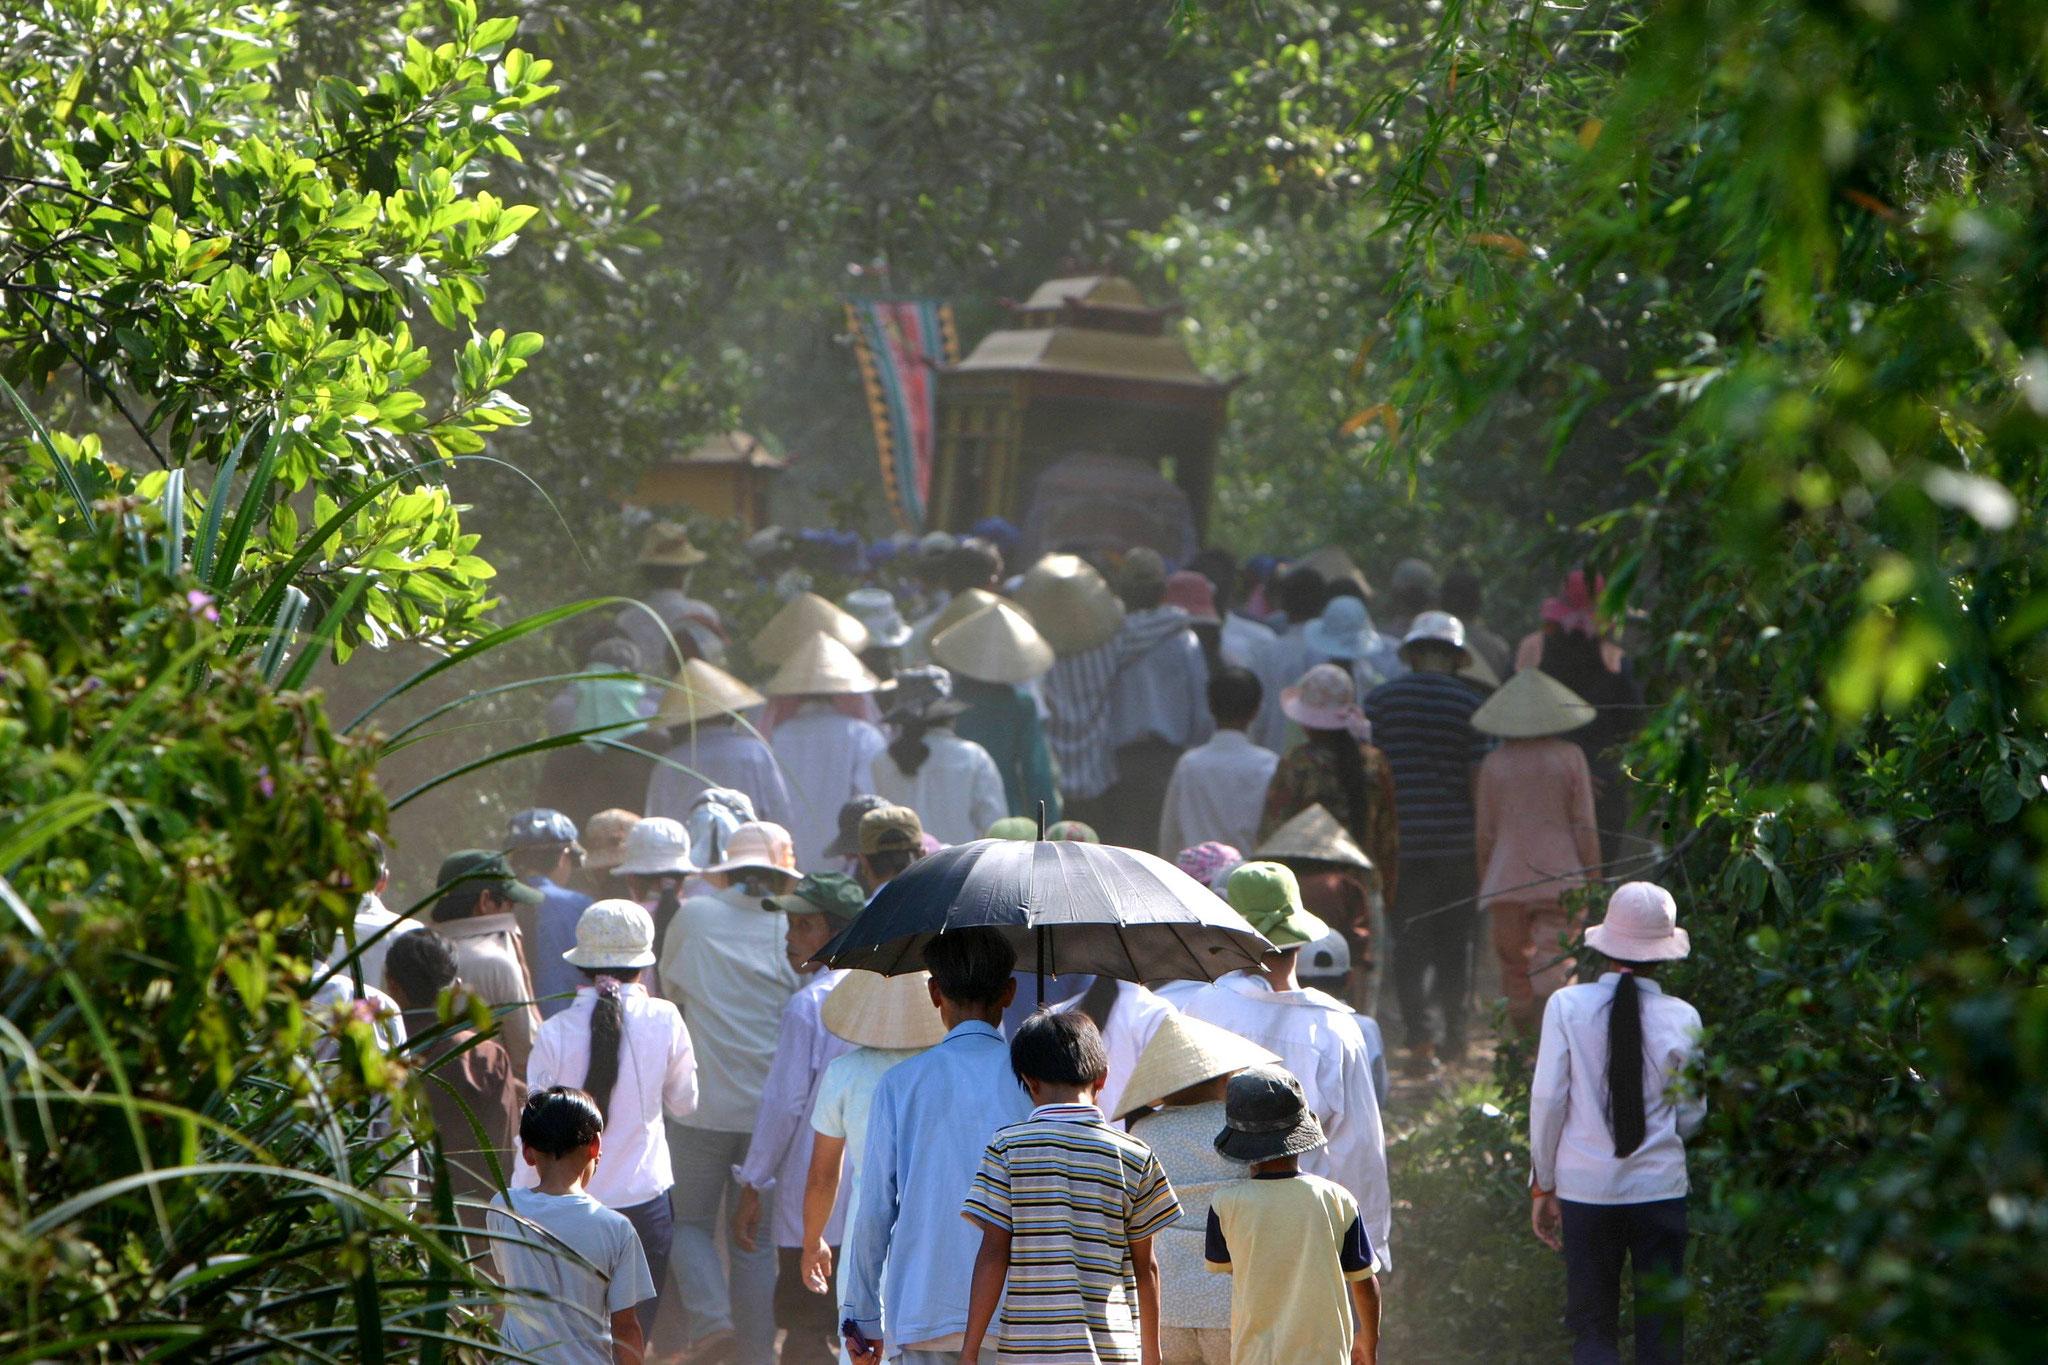 Auf dem Weg zur Beerdigung.